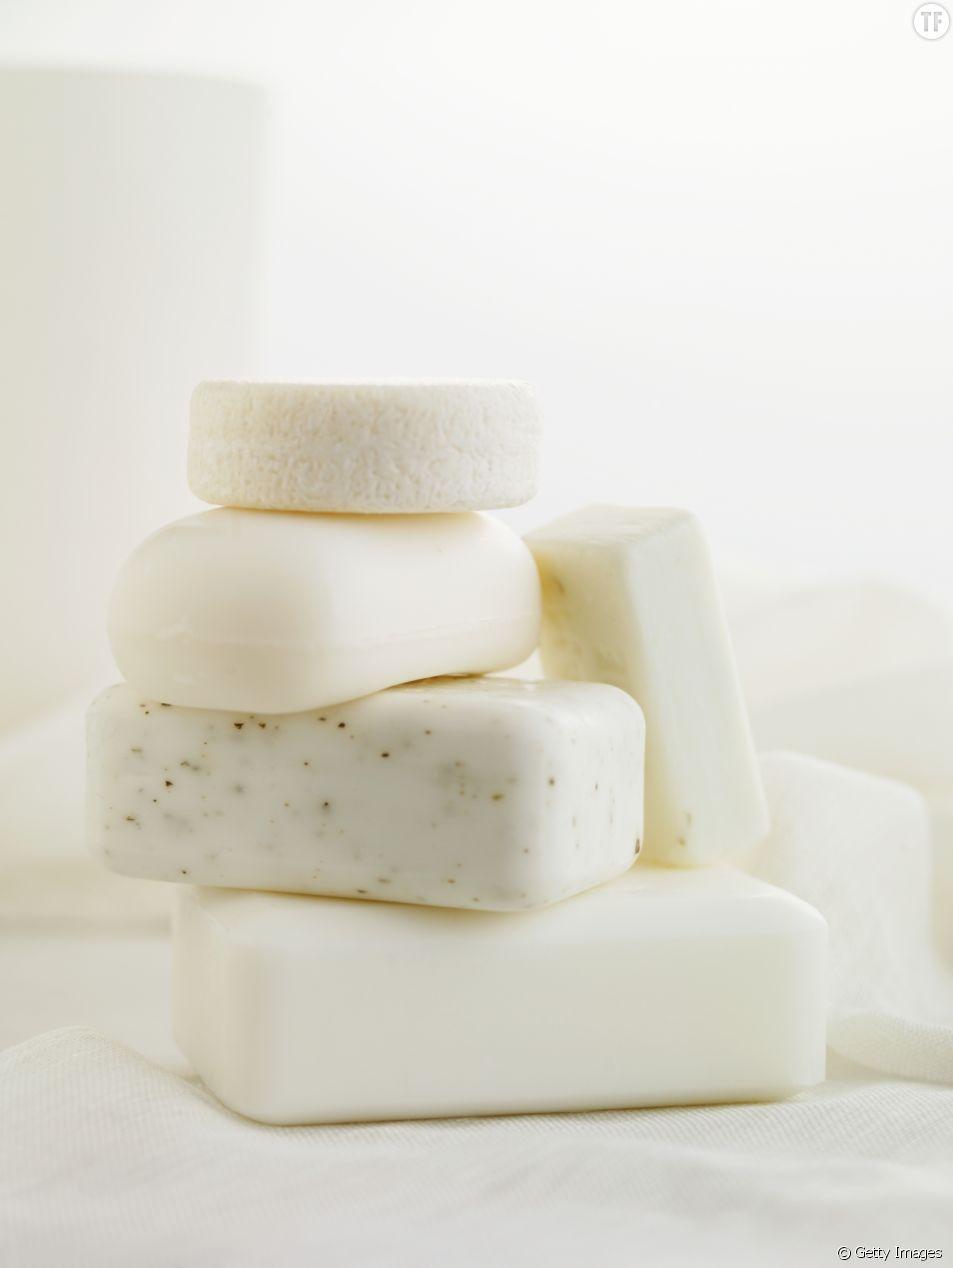 La recette du savon au lait de chèvre